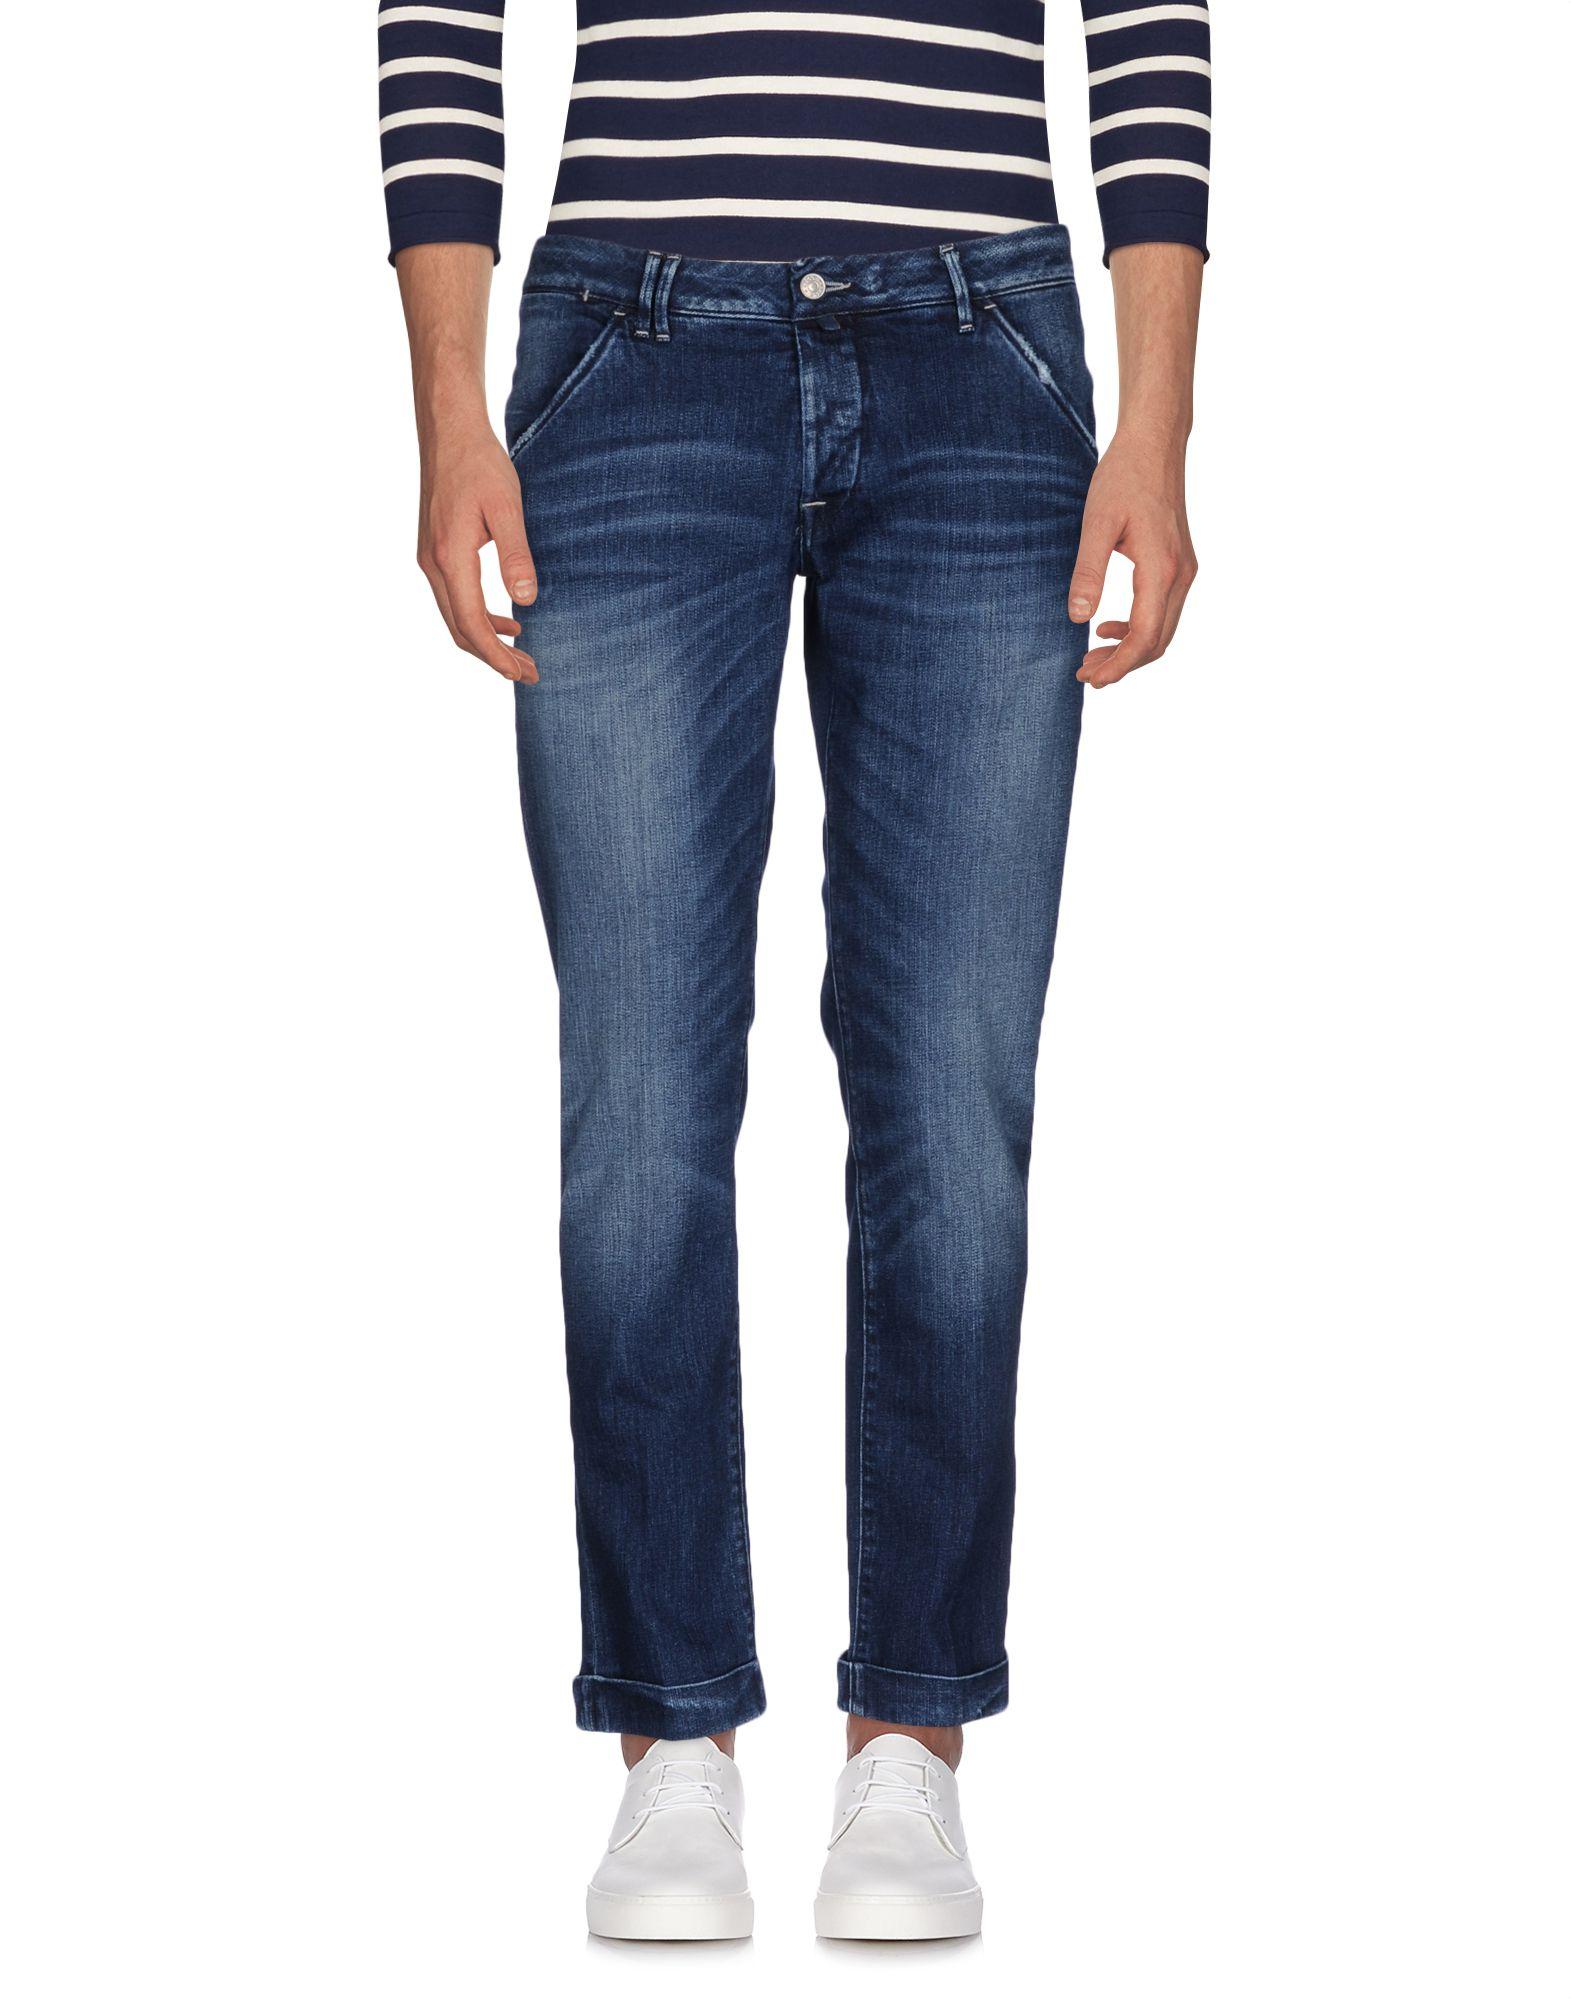 Pantaloni Jeans Cycle uomo - 42556582EU 42556582EU 42556582EU 673